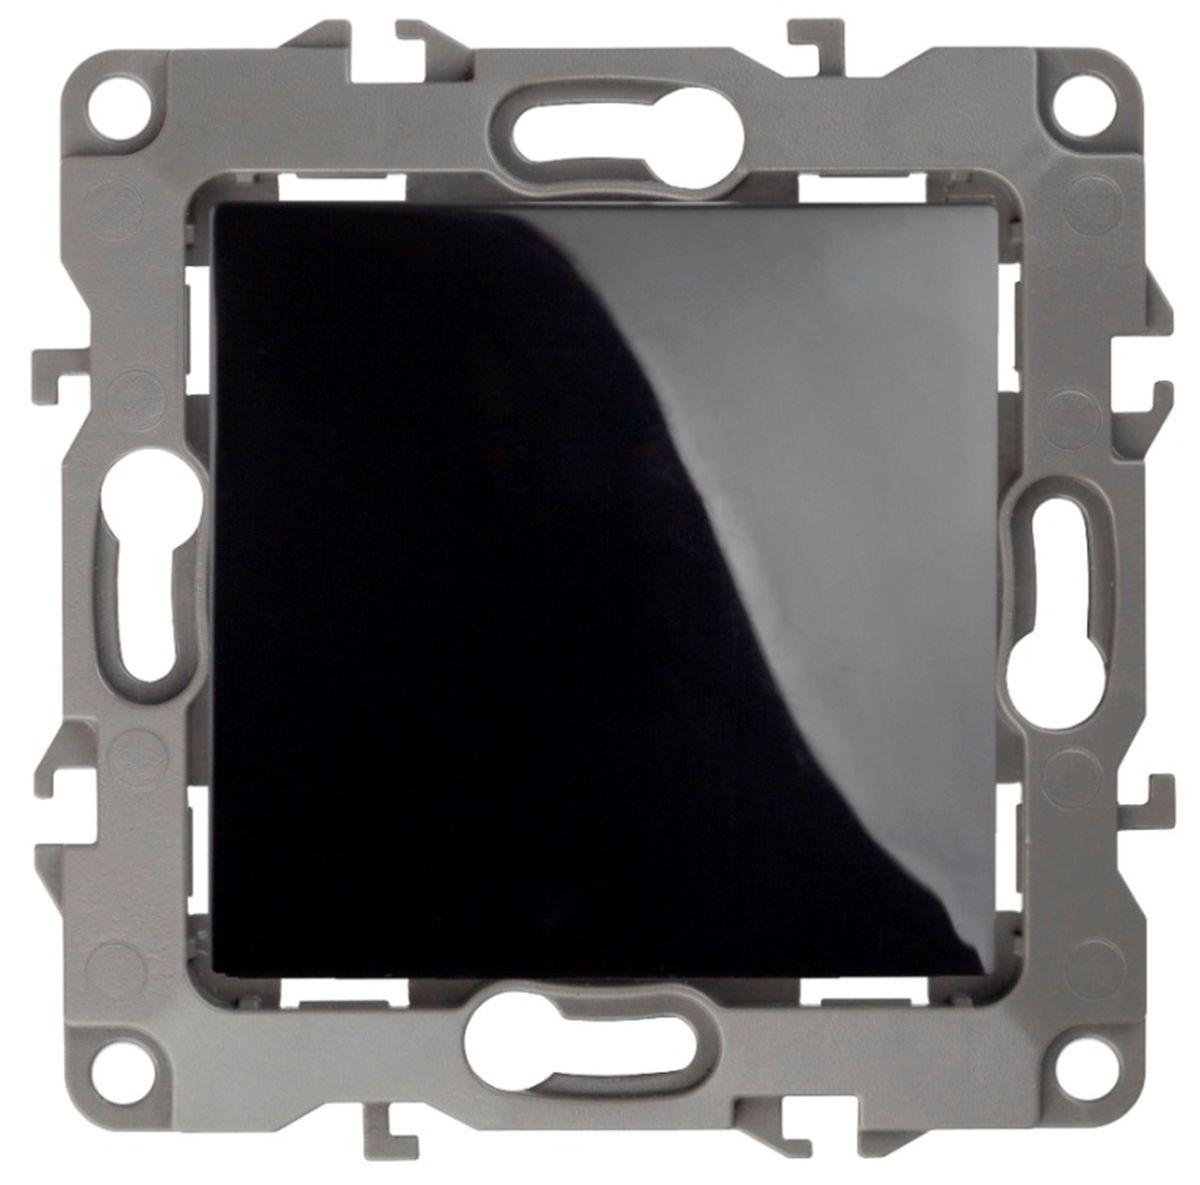 Выключатель ЭРА, 10АХ-250В, без м.лапок, Эра12, черный12-1001-06Автоматические зажимы. Такие зажимы кабеля обеспечивают быстрый и надежный монтаж изделия к электросети без отвертки и не требуют обслуживания в отличие от винтовых зажимов.